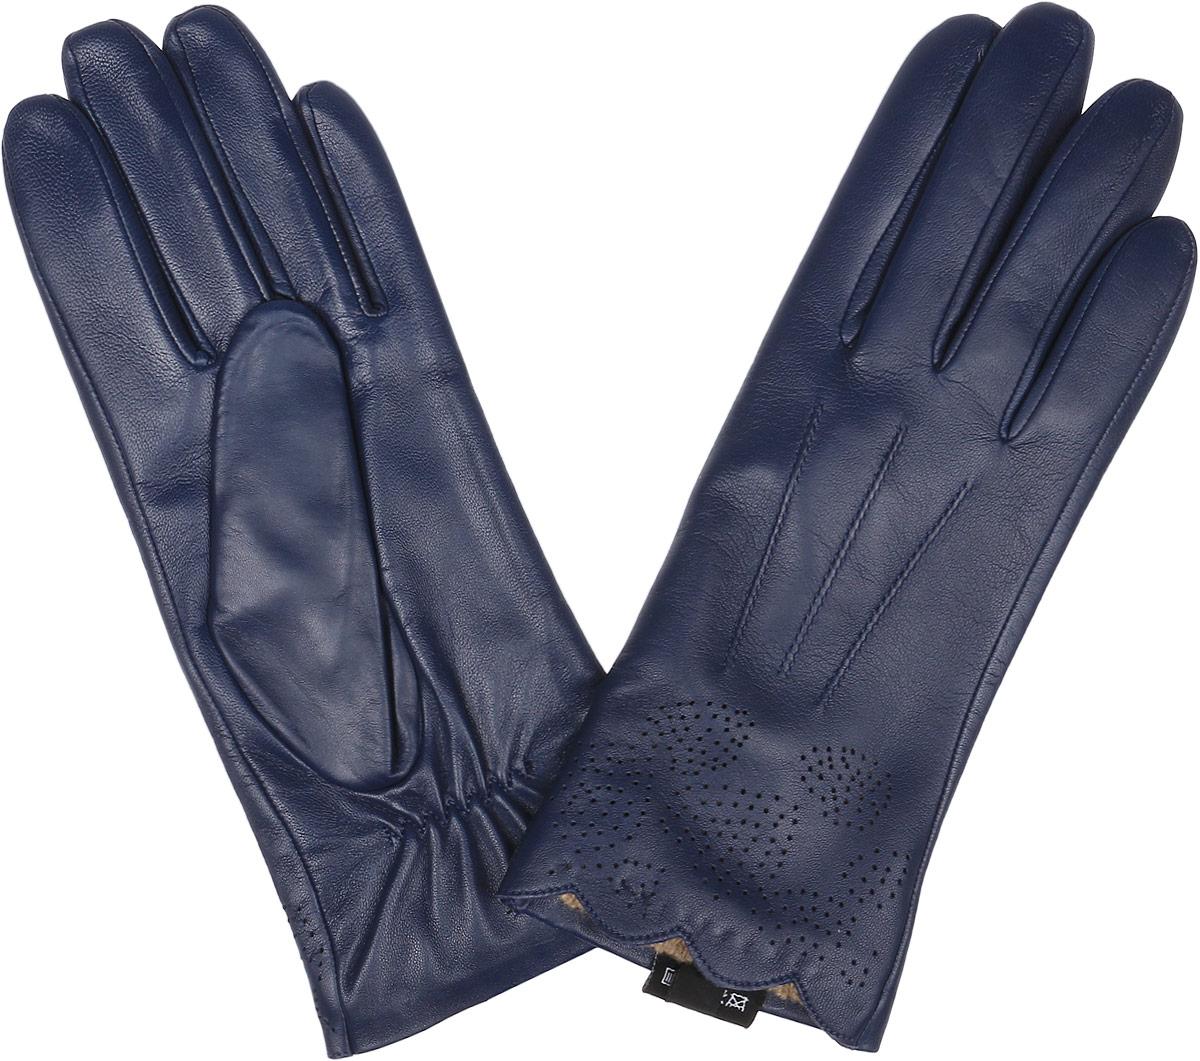 Перчатки12.29-11 blueСтильные женские перчатки Fabretti не только защитят ваши руки, но и станут великолепным украшением. Перчатки выполнены из натуральной кожи ягненка, а их подкладка - из высококачественной шерсти с добавлением кашемира. Модель оформлена оригинальными прострочками и строчками-стежками. Дополнены перчатки прорезным узором. Стильный аксессуар для повседневного образа.